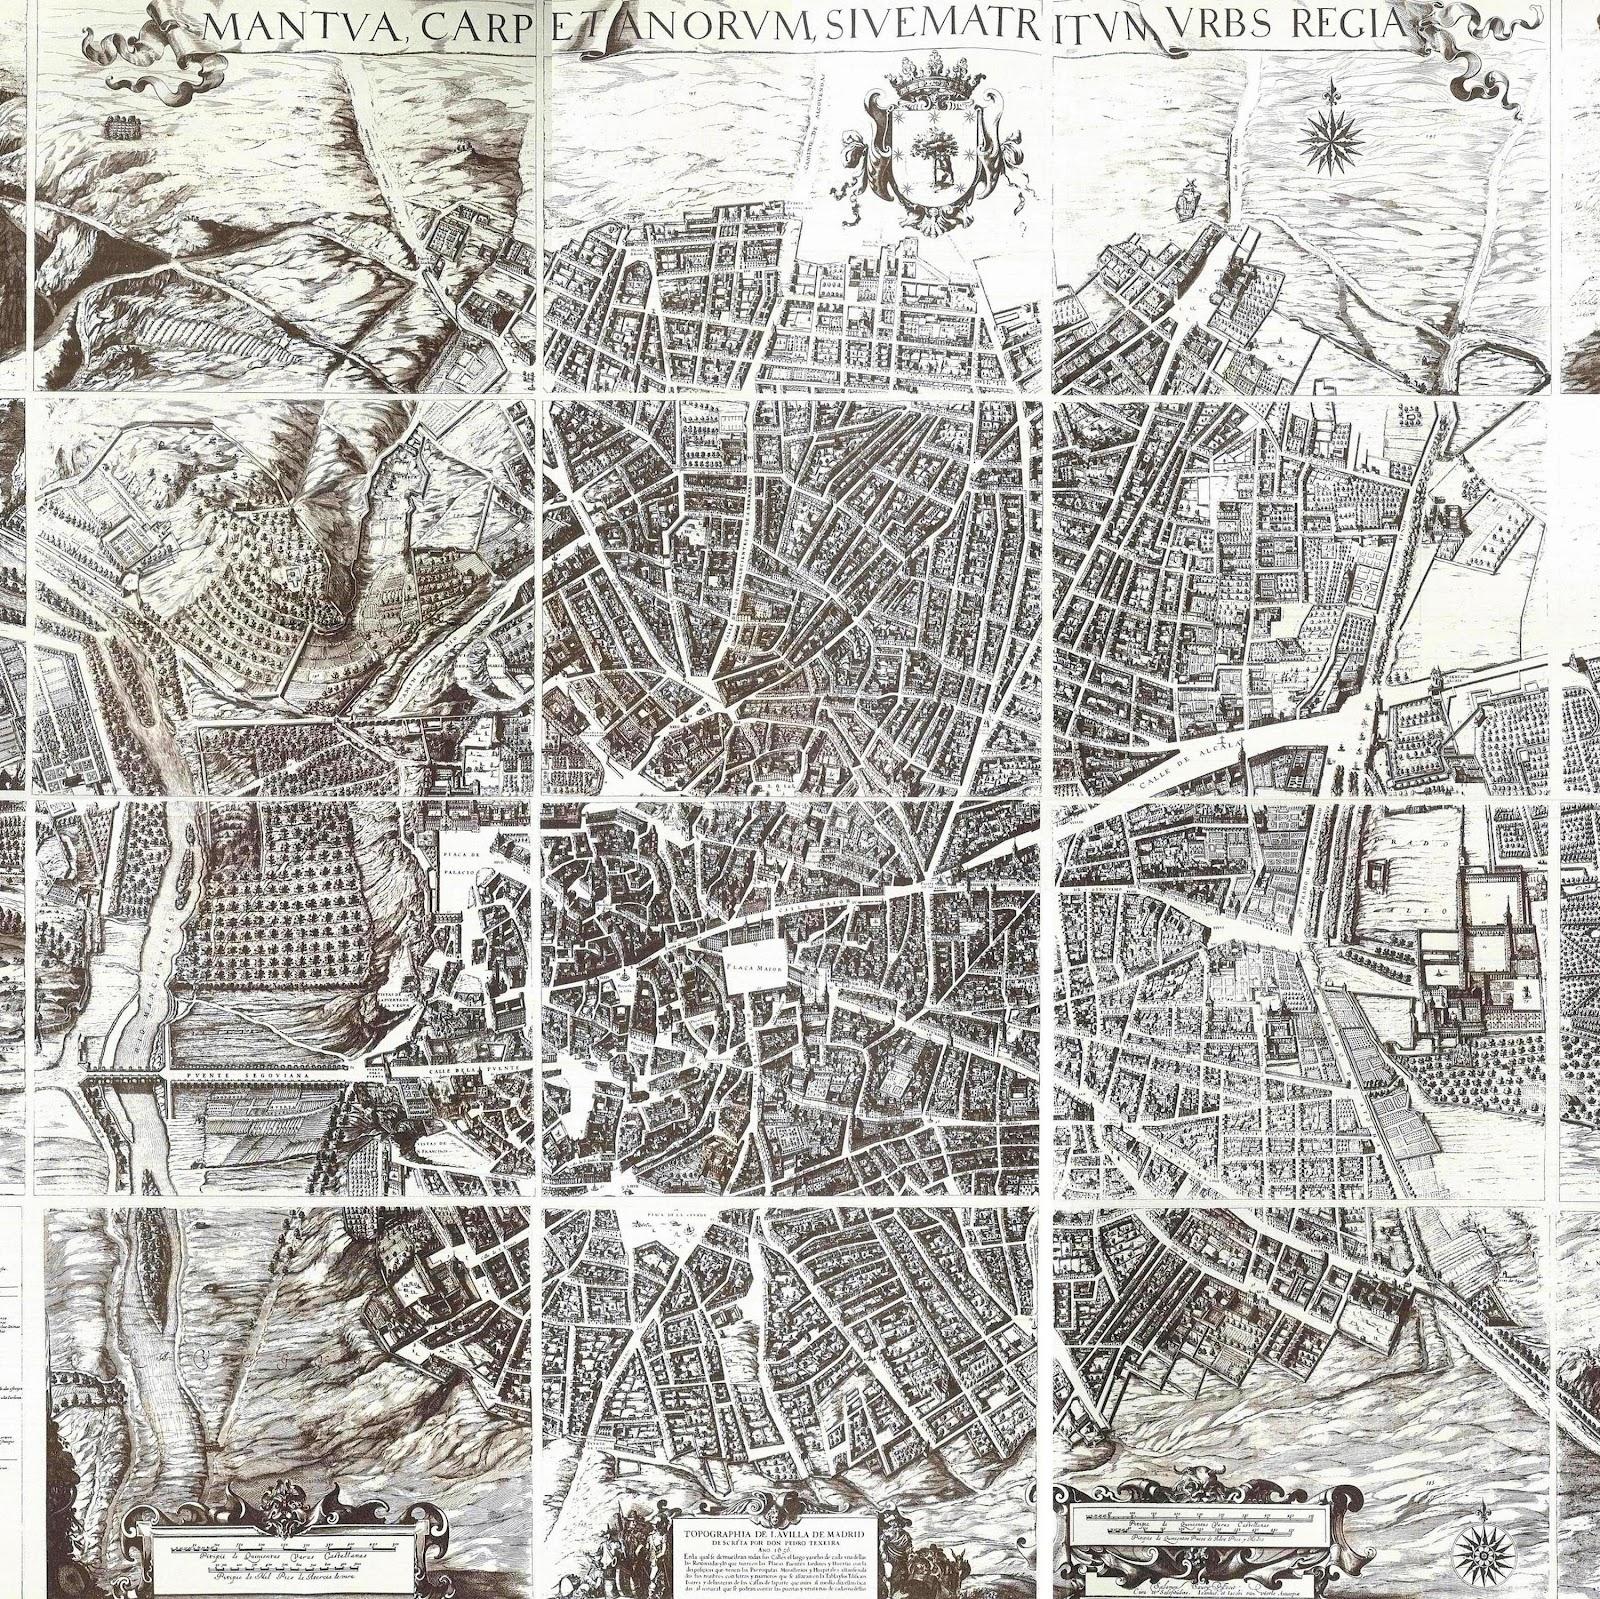 Madrid: Urbanismo en la ciudad cortesana de los siglos